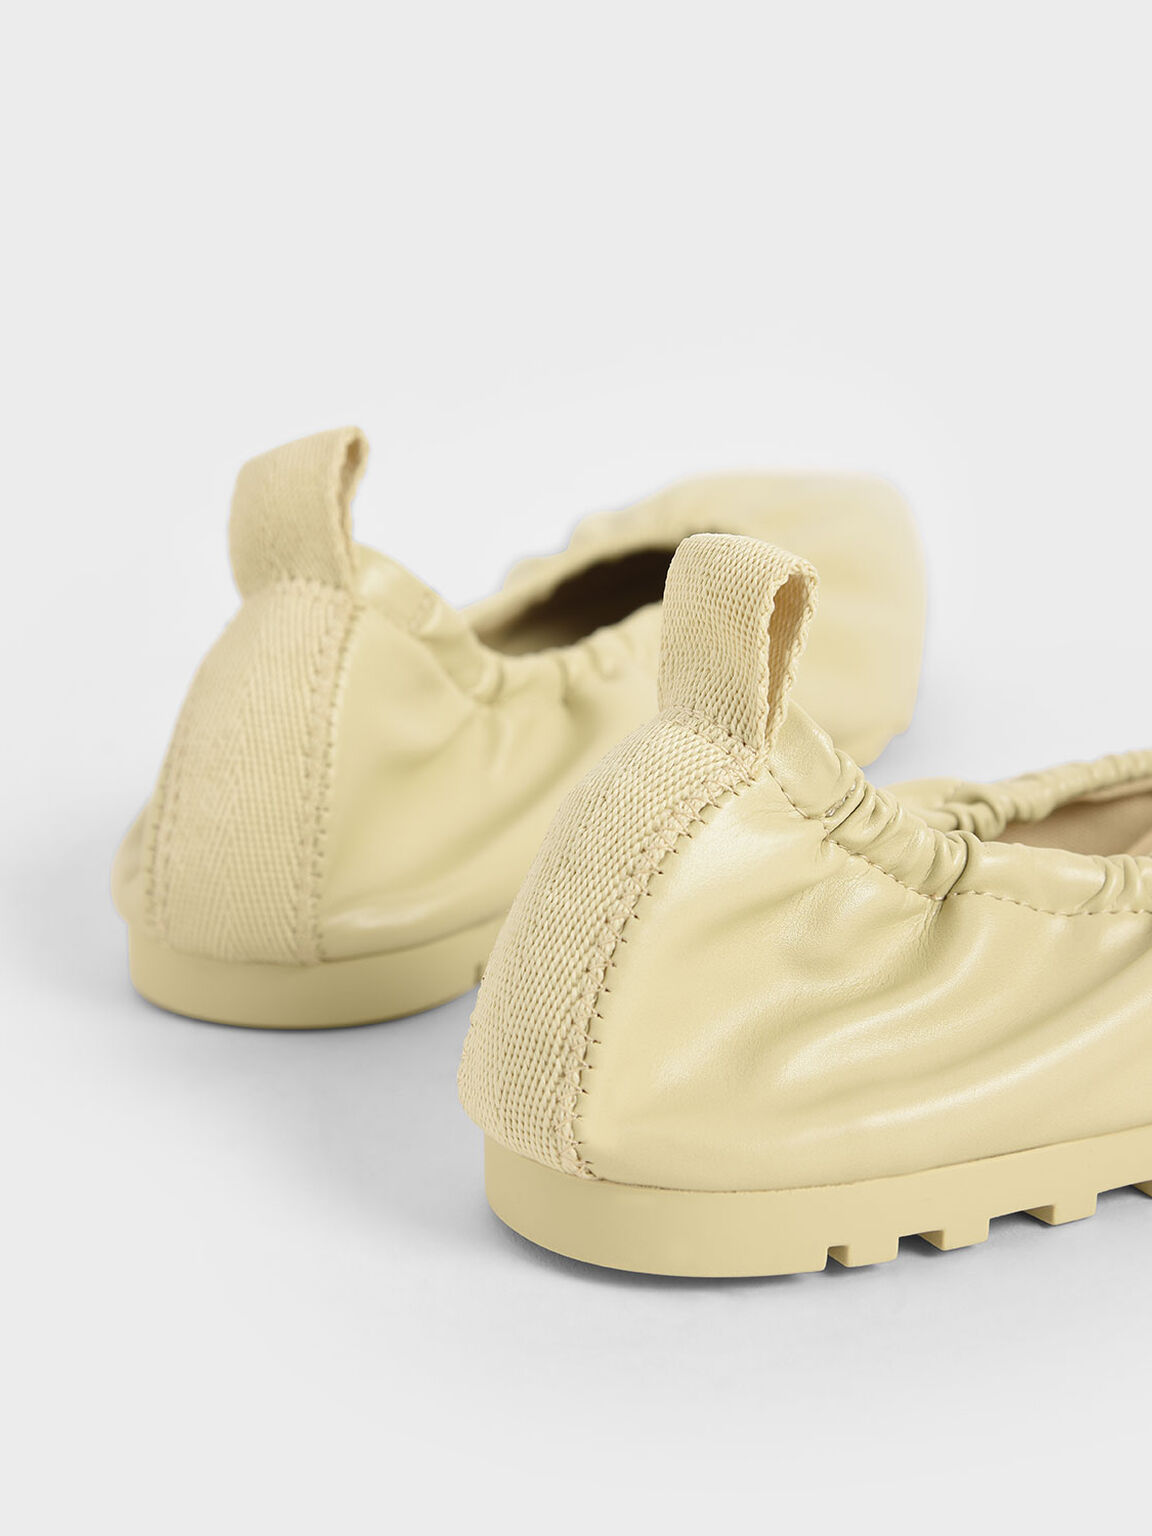 Ruched Ballerina Flats, Yellow, hi-res